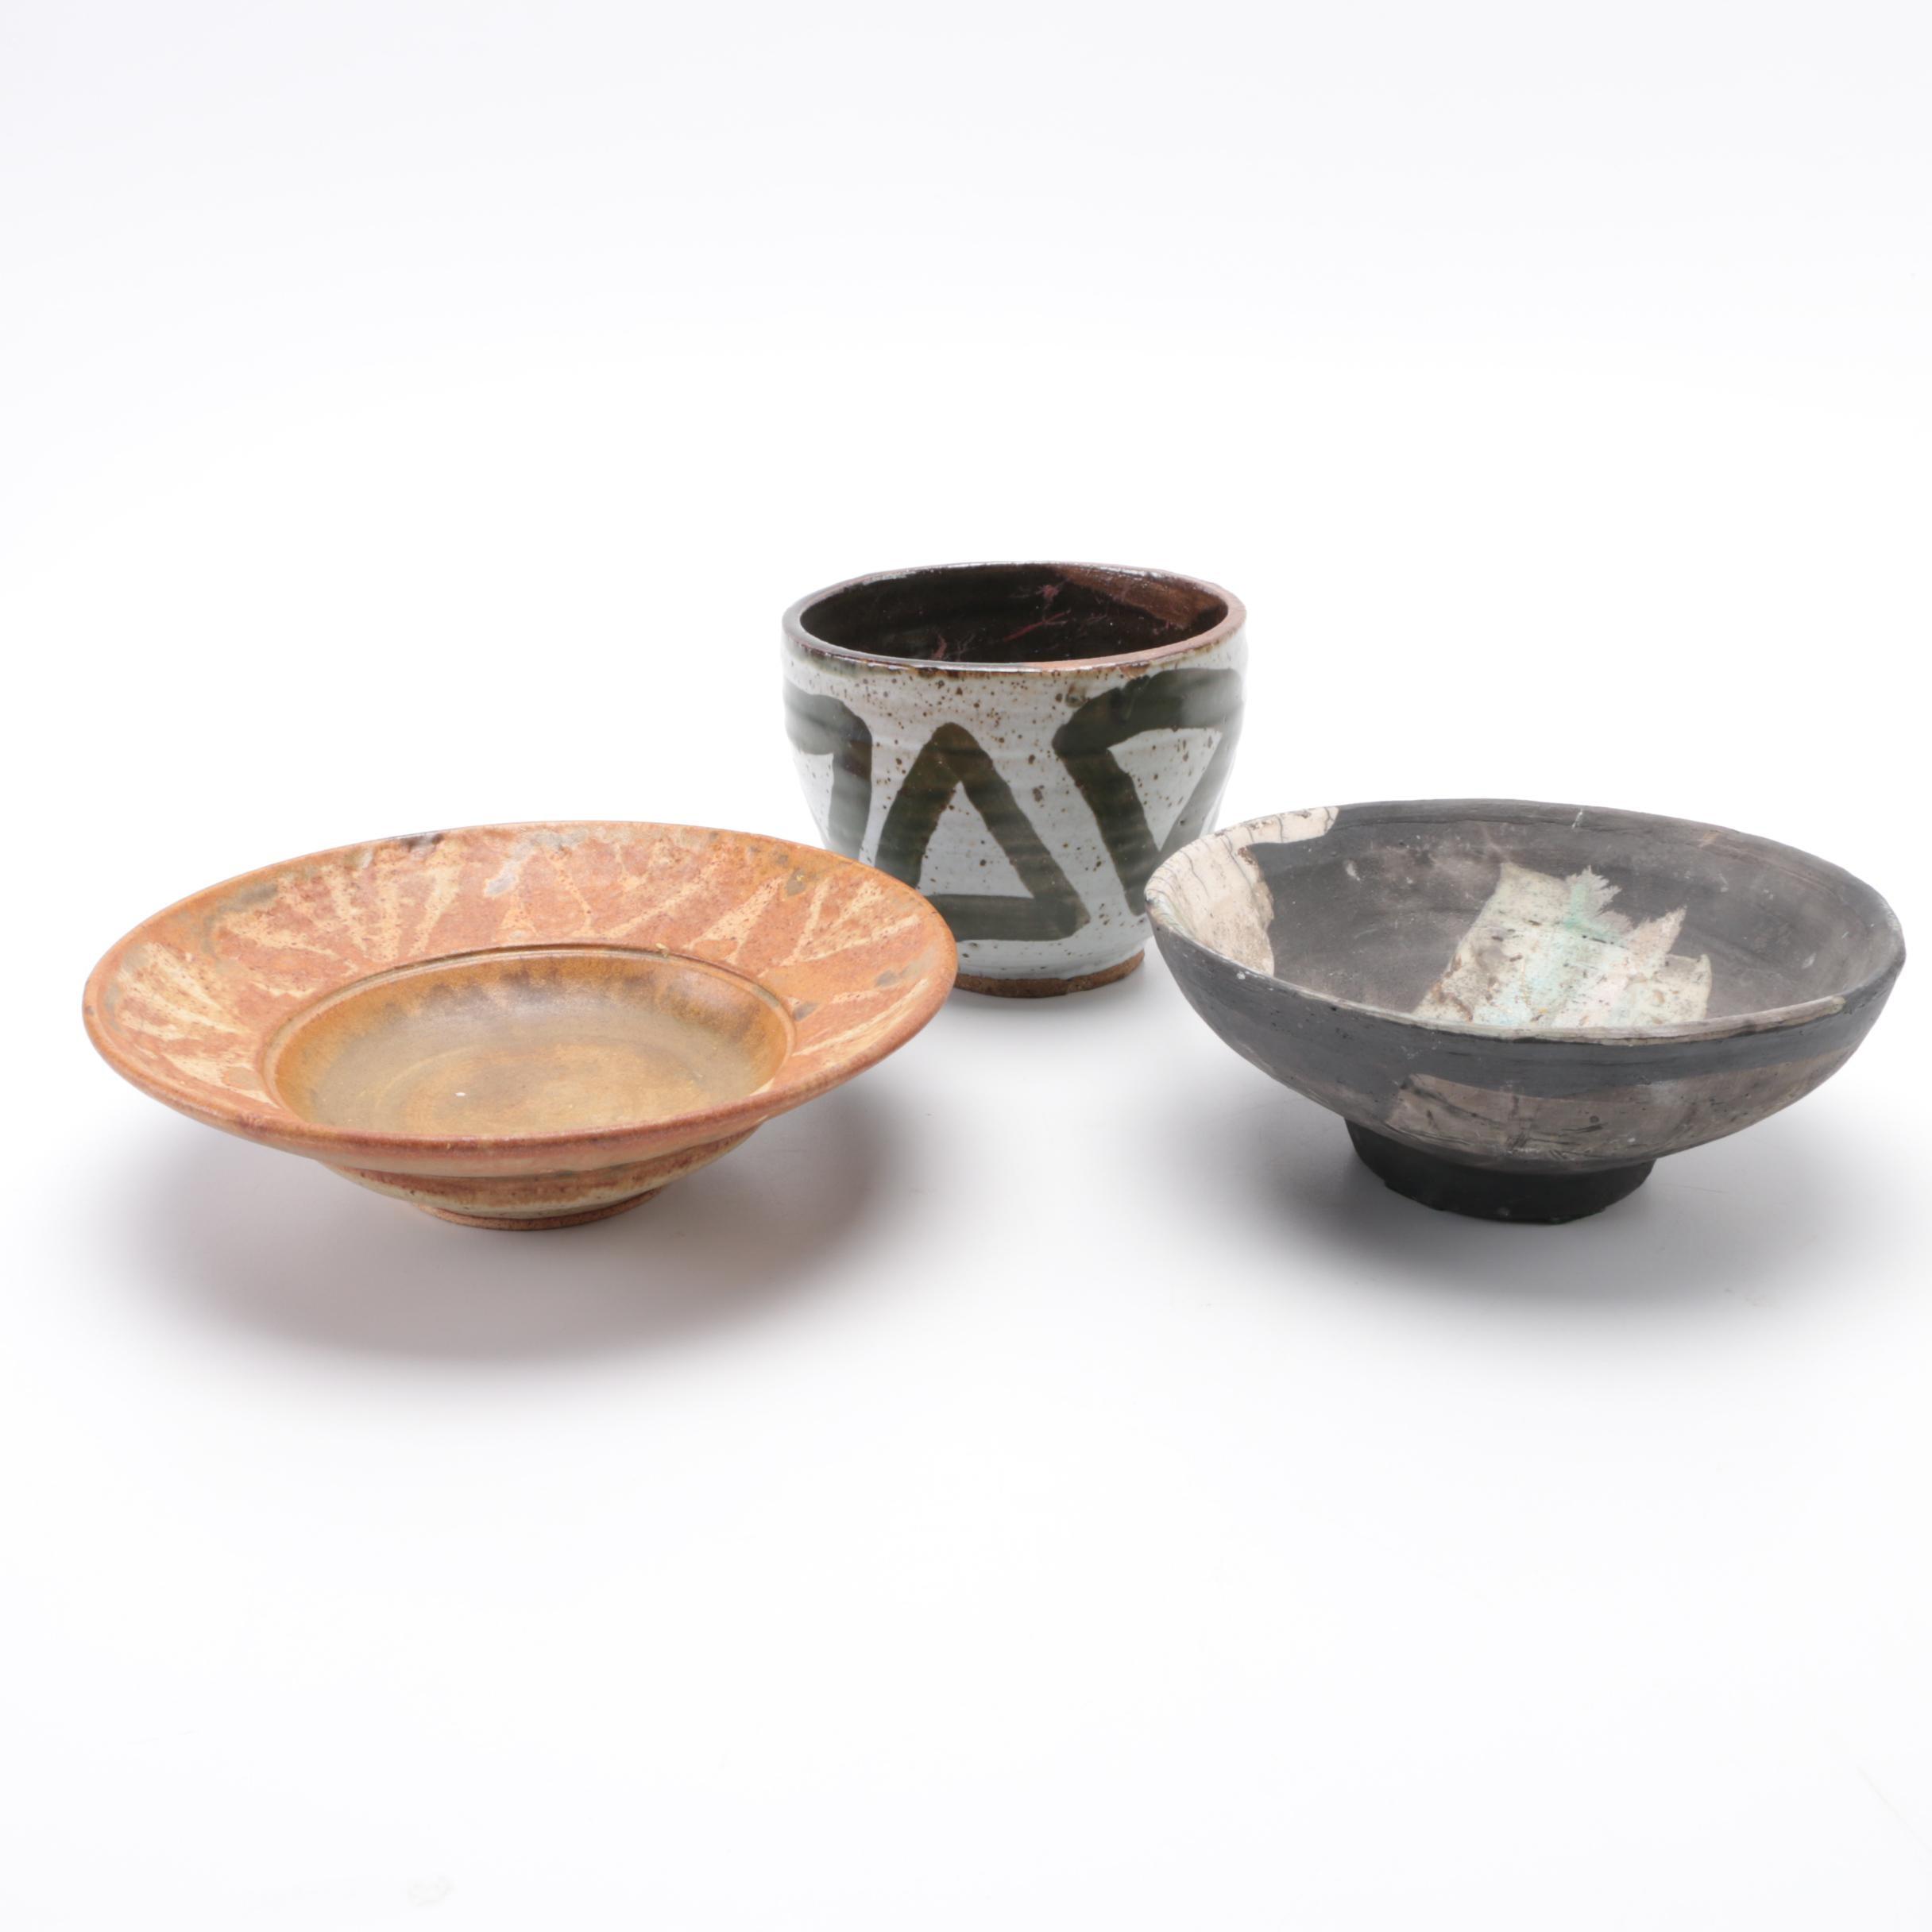 Hand Thrown Stoneware Bowls